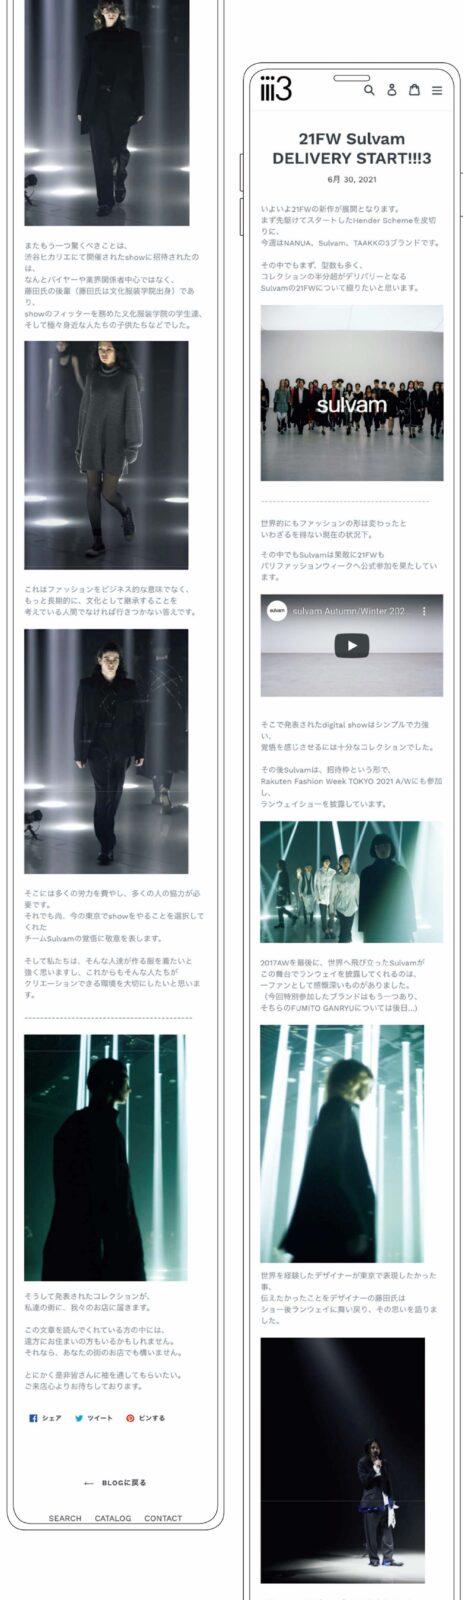 千葉/iii3 ブログ画像